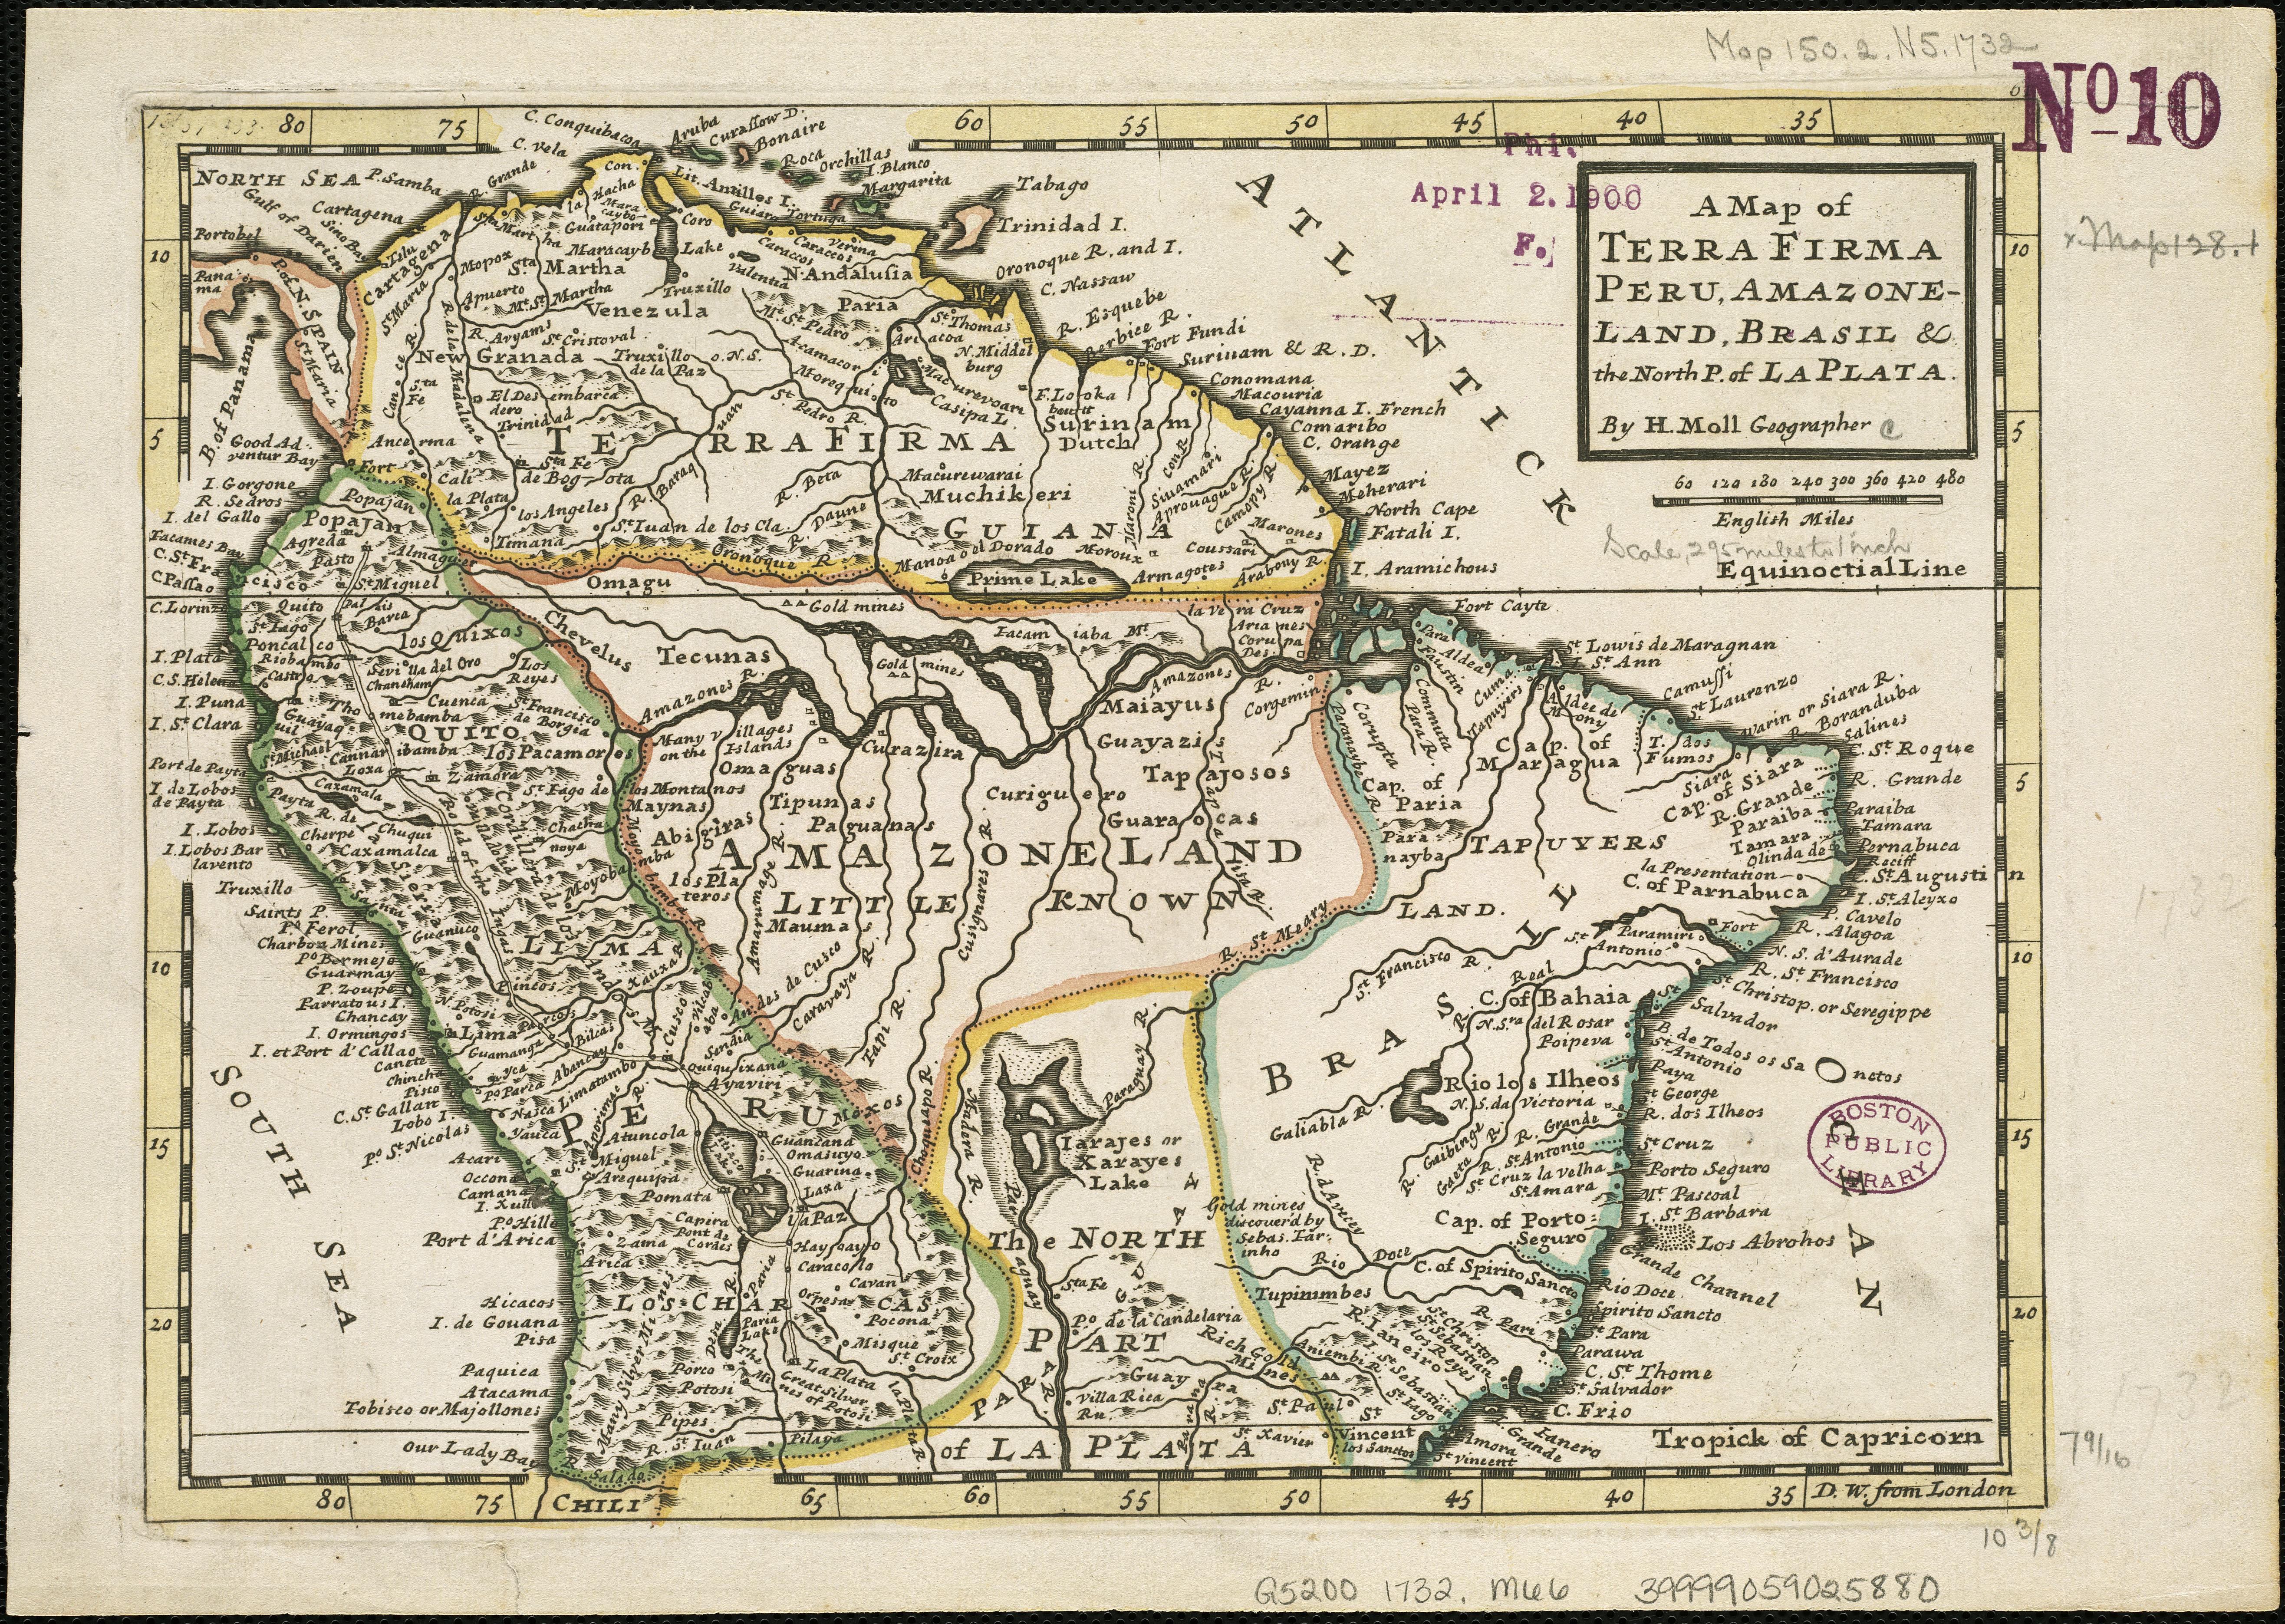 Filea Map Of Terra Firma Peru Amazone Land Brasil The